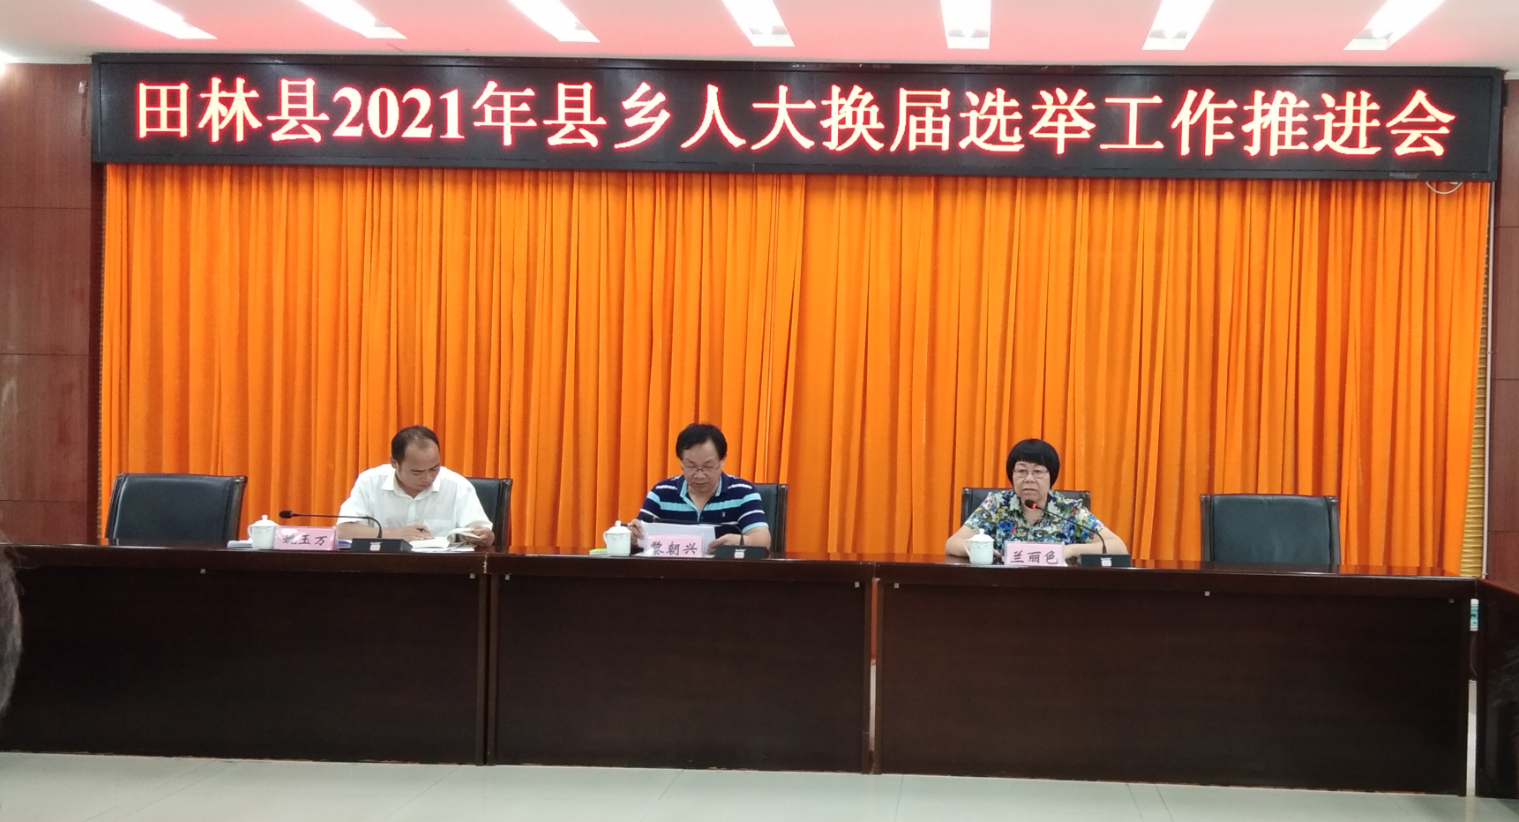 田林县召开县乡人大换届选举工作推进会